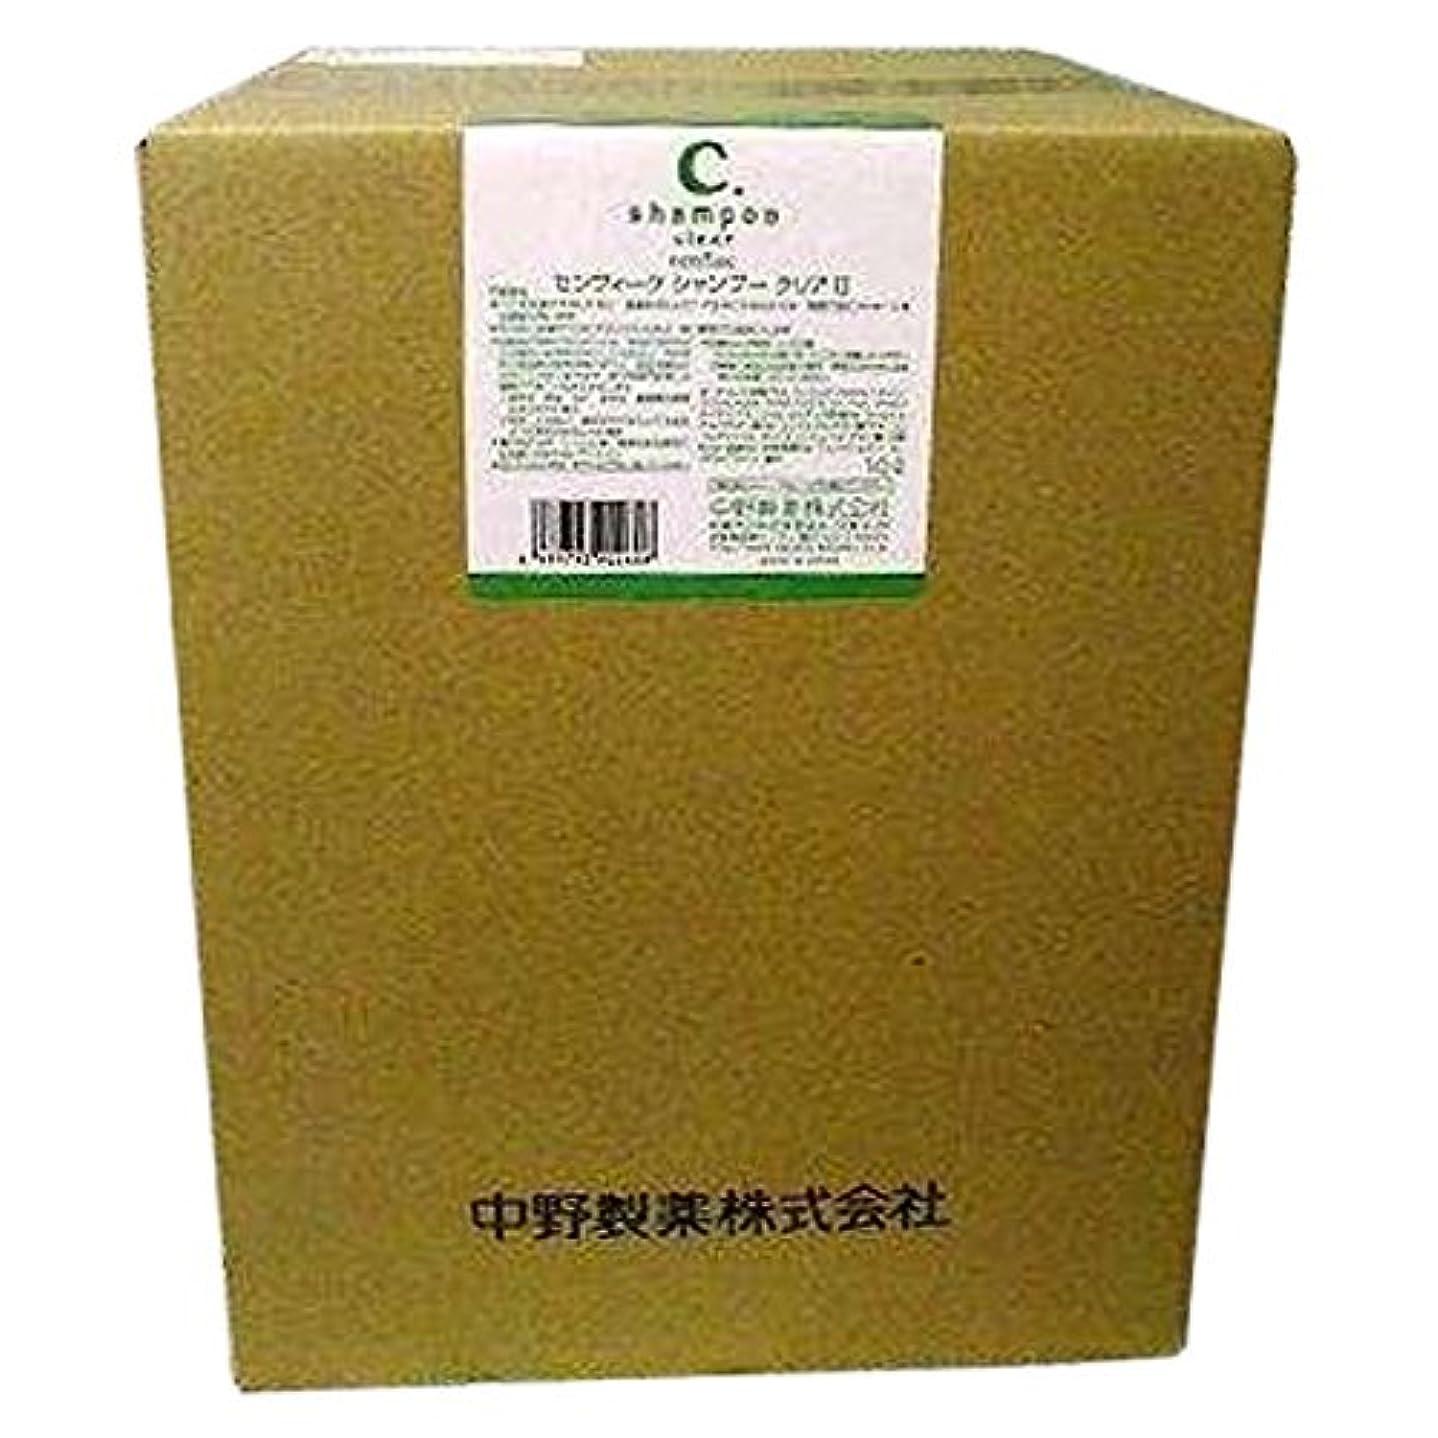 特徴織る不平を言う中野製薬 センフィーク シャンプー クリア2  10L